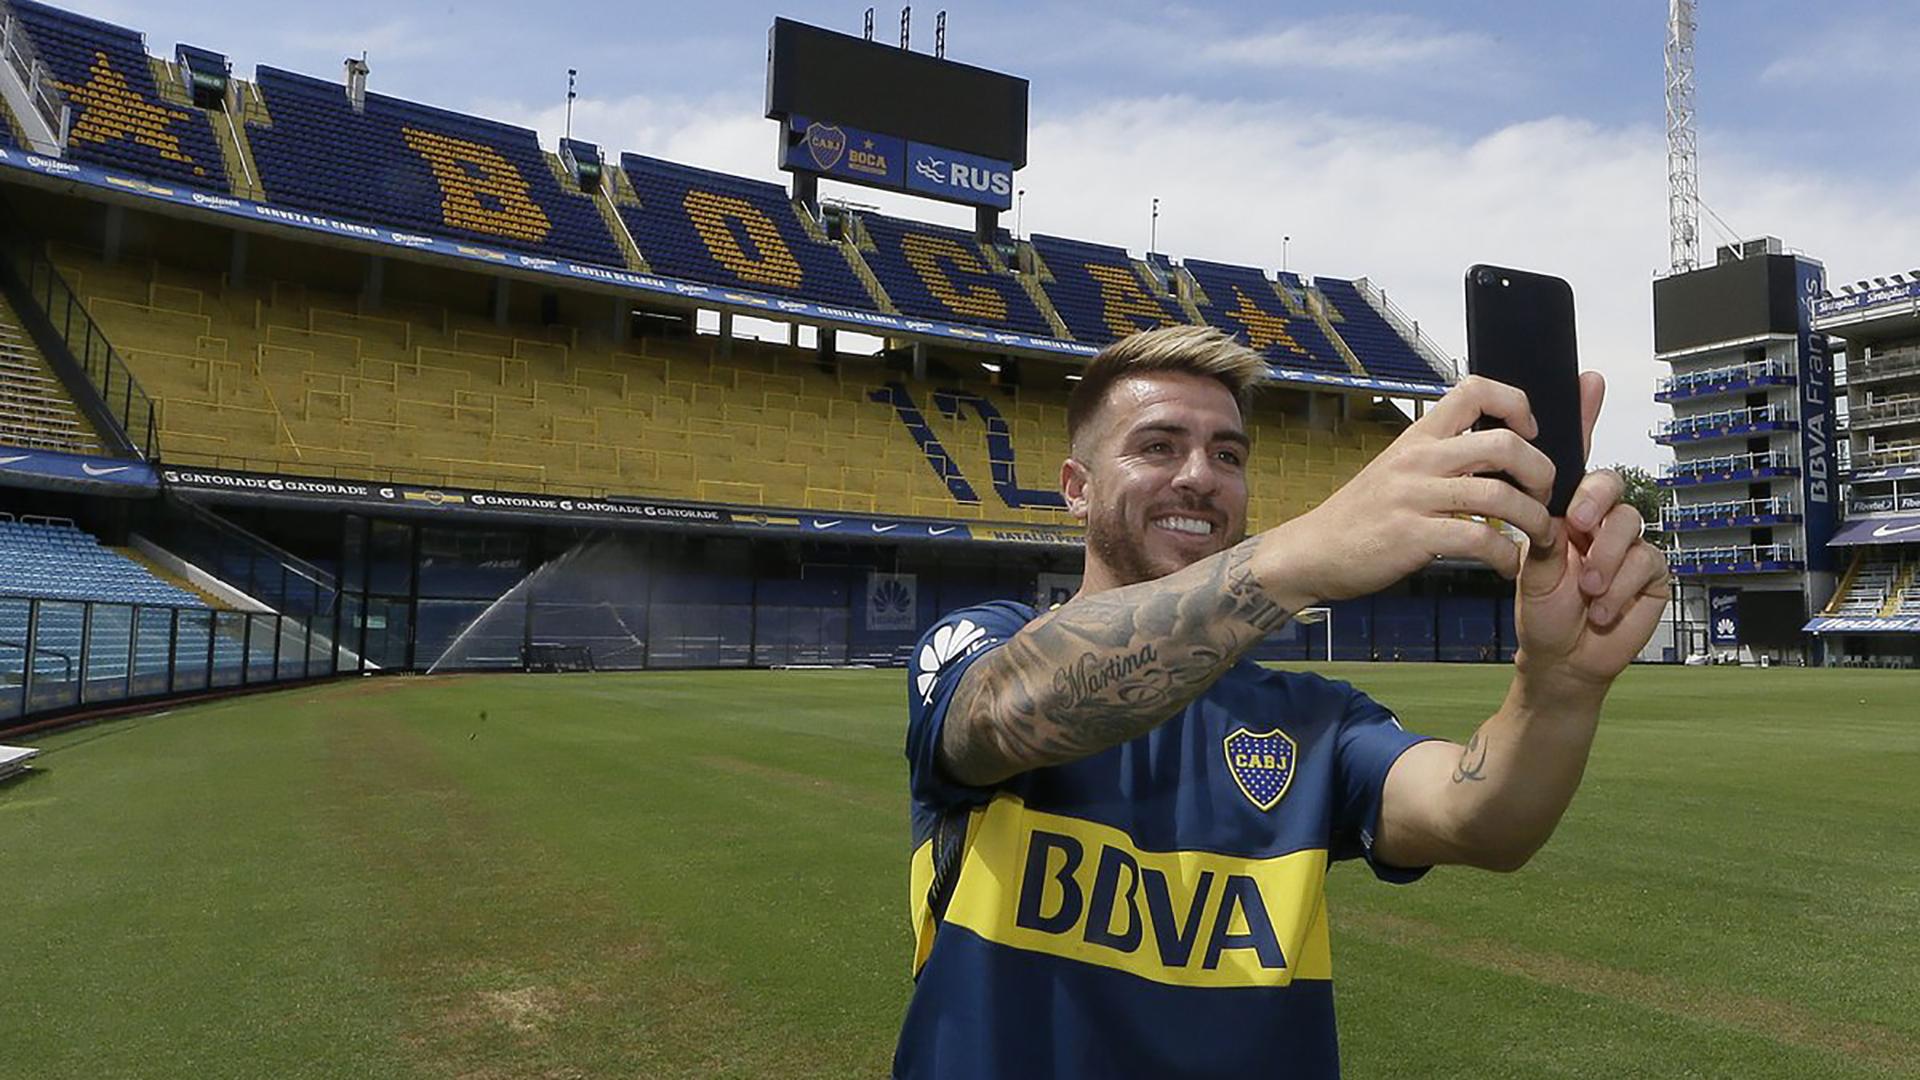 Imagen del día en que Buffarini se incorporó oficialmente a Boca (@BocaJrsOficial)